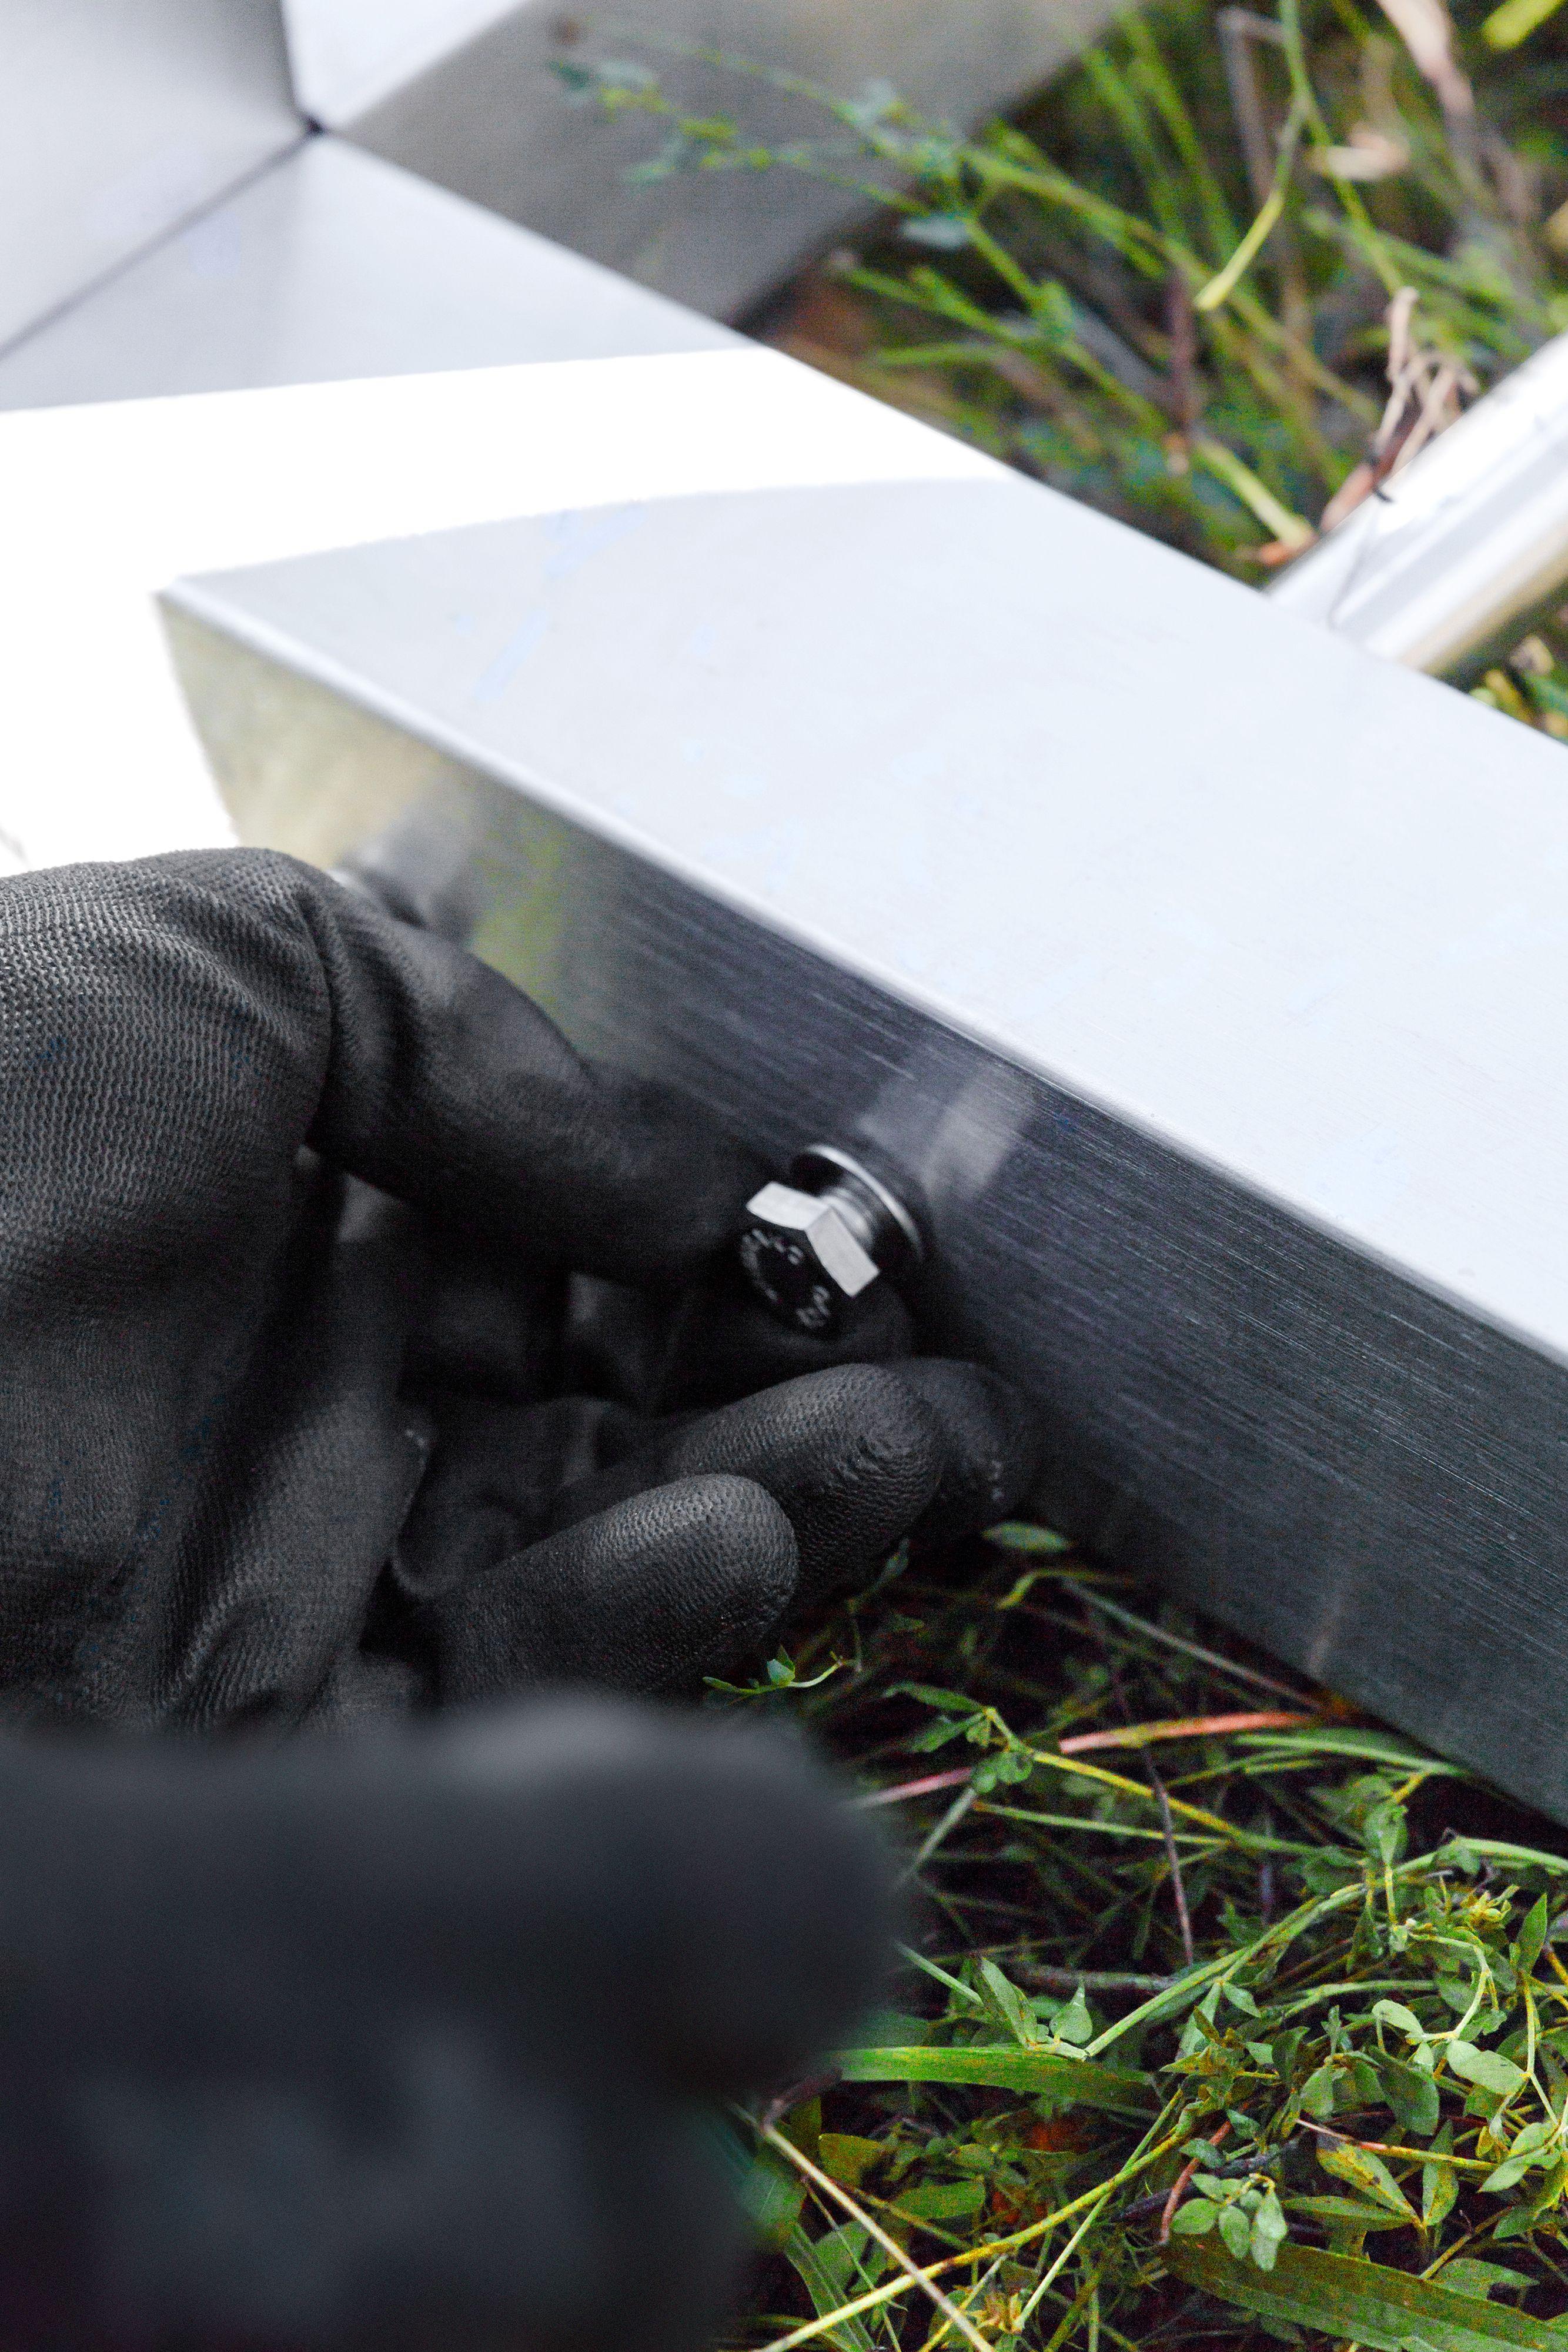 design outdoorbett edelstahl, design outdoor bed stainless steel